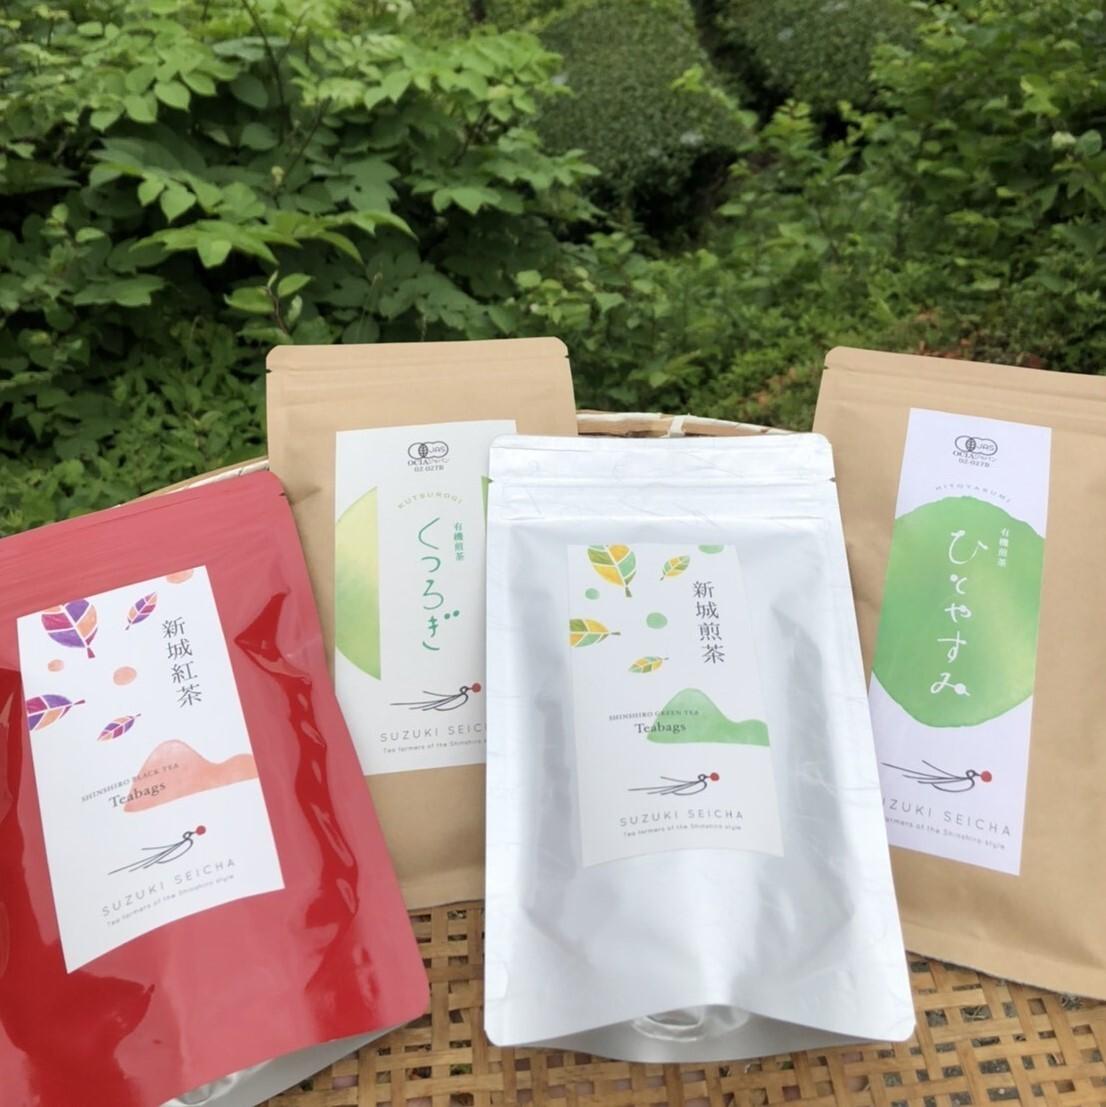 新城のTea Leaf Creator 鈴木克也Selectionの煎茶+紅茶4種類セット【有機JAS認定 無農薬オーガニック茶葉使用】